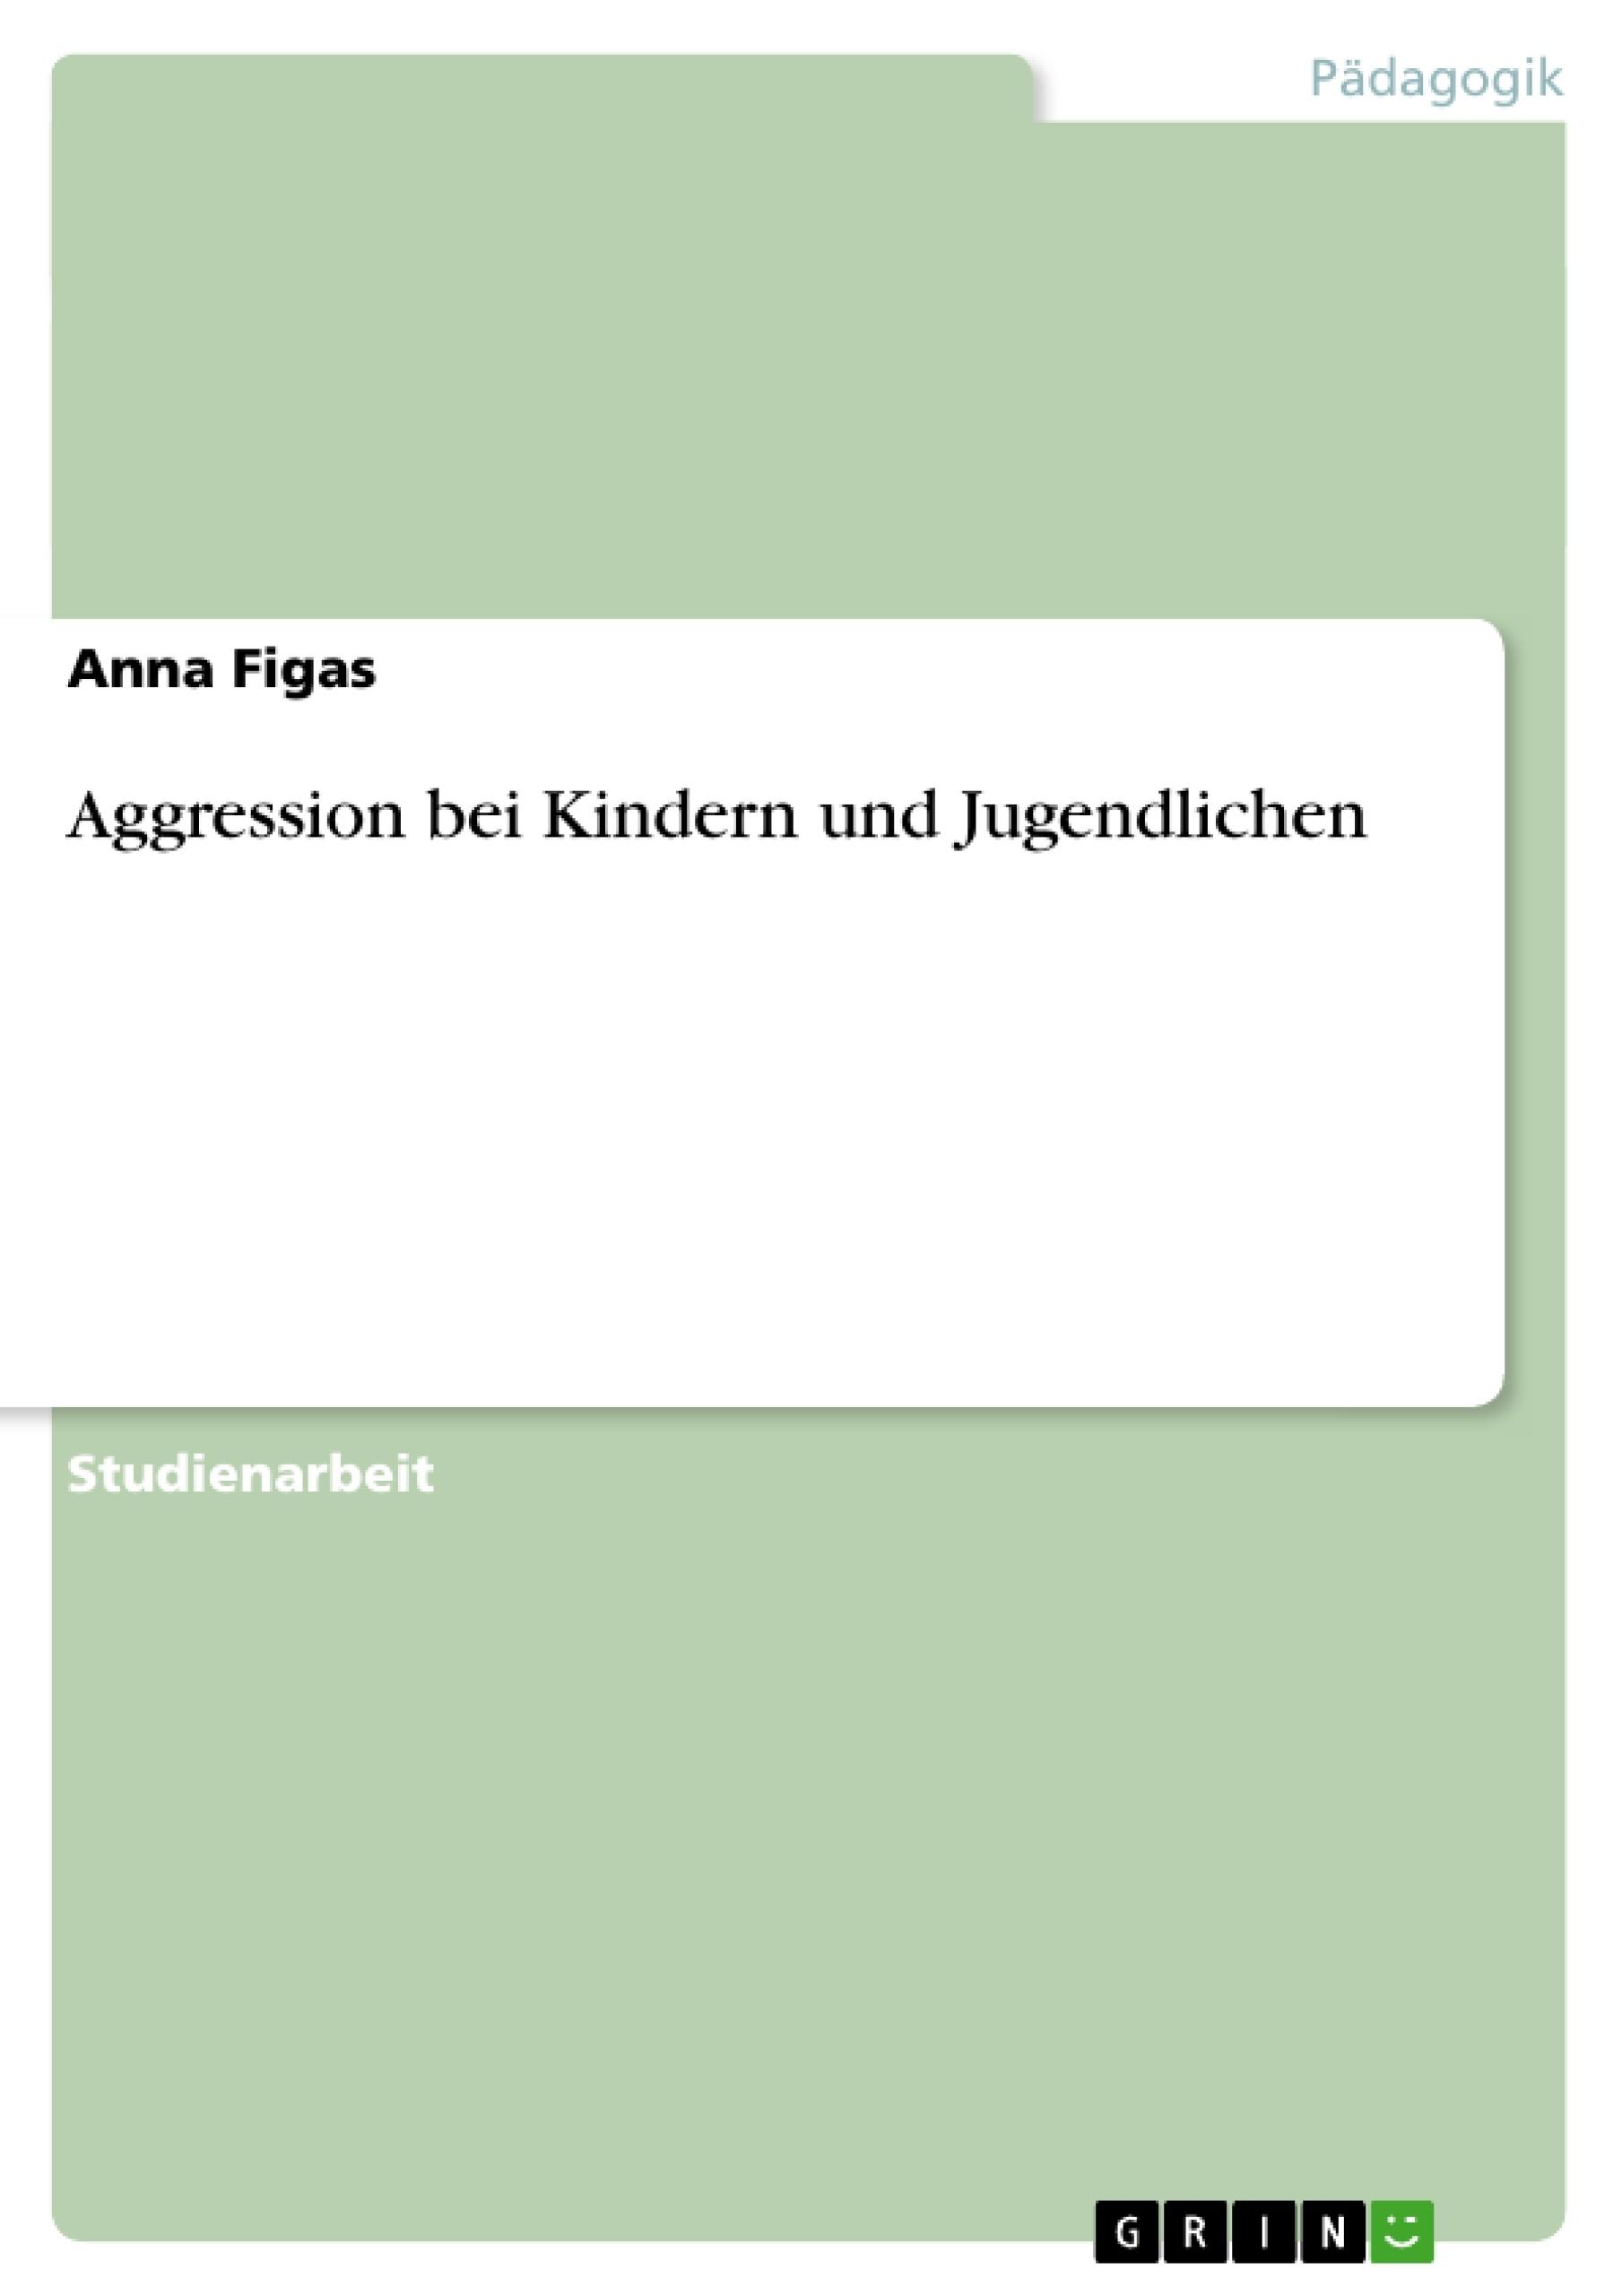 Titel: Aggression bei Kindern und Jugendlichen